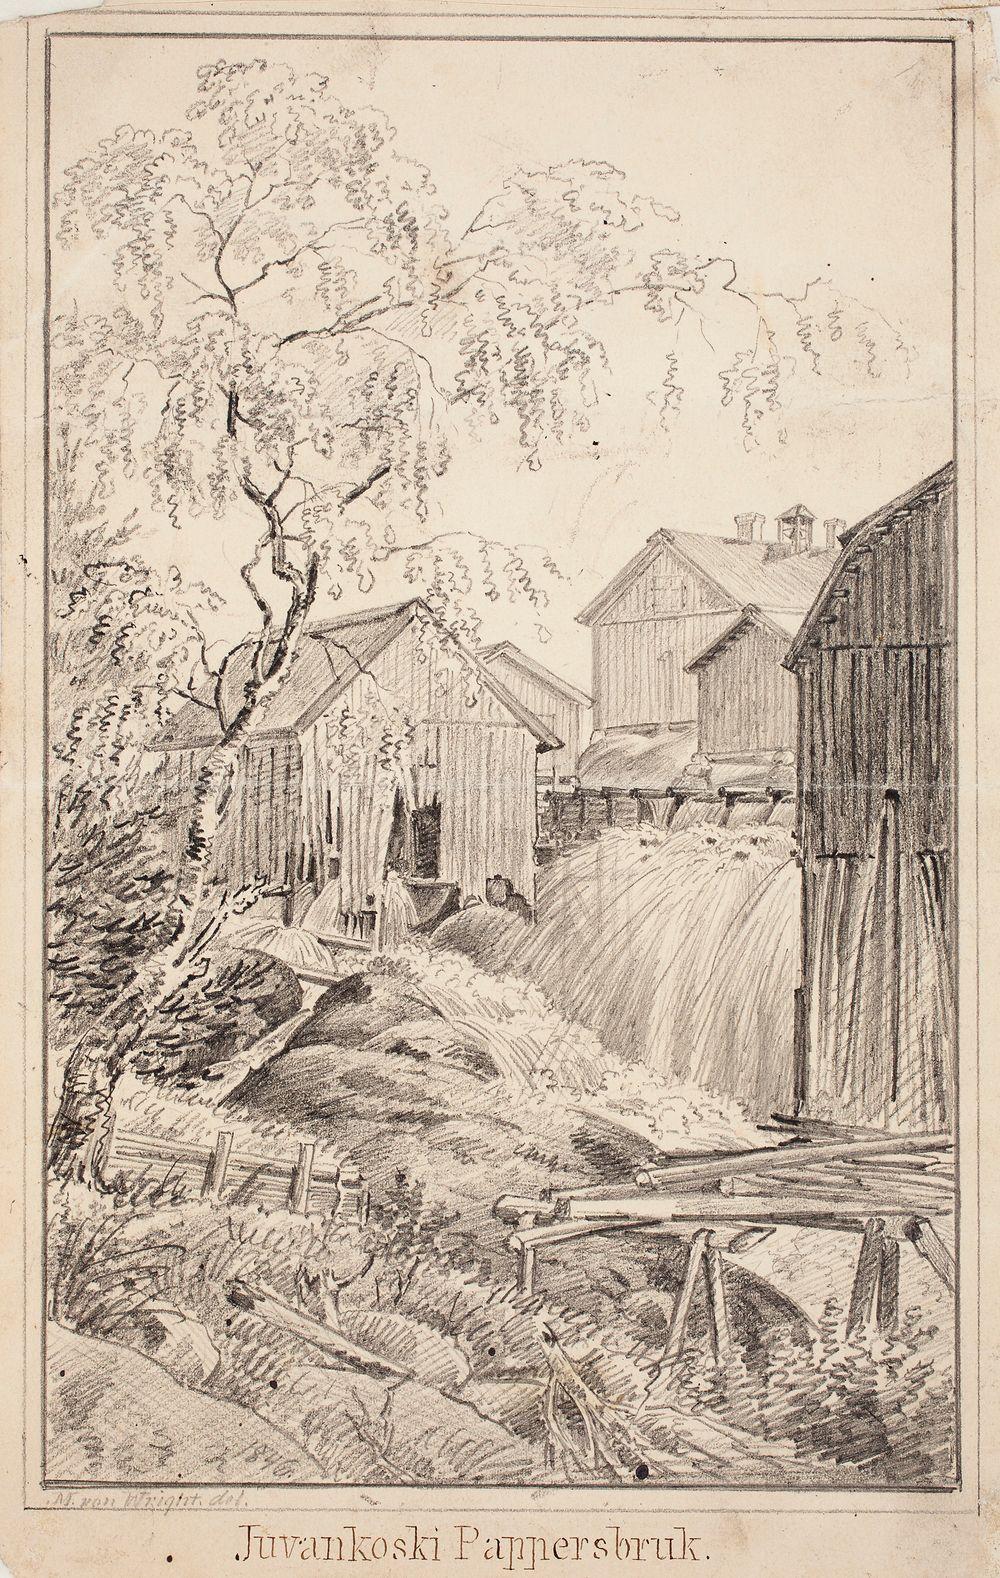 Juvankosken paperitehdas, originaalipiirustus teokseen Finland framställdt i teckningar